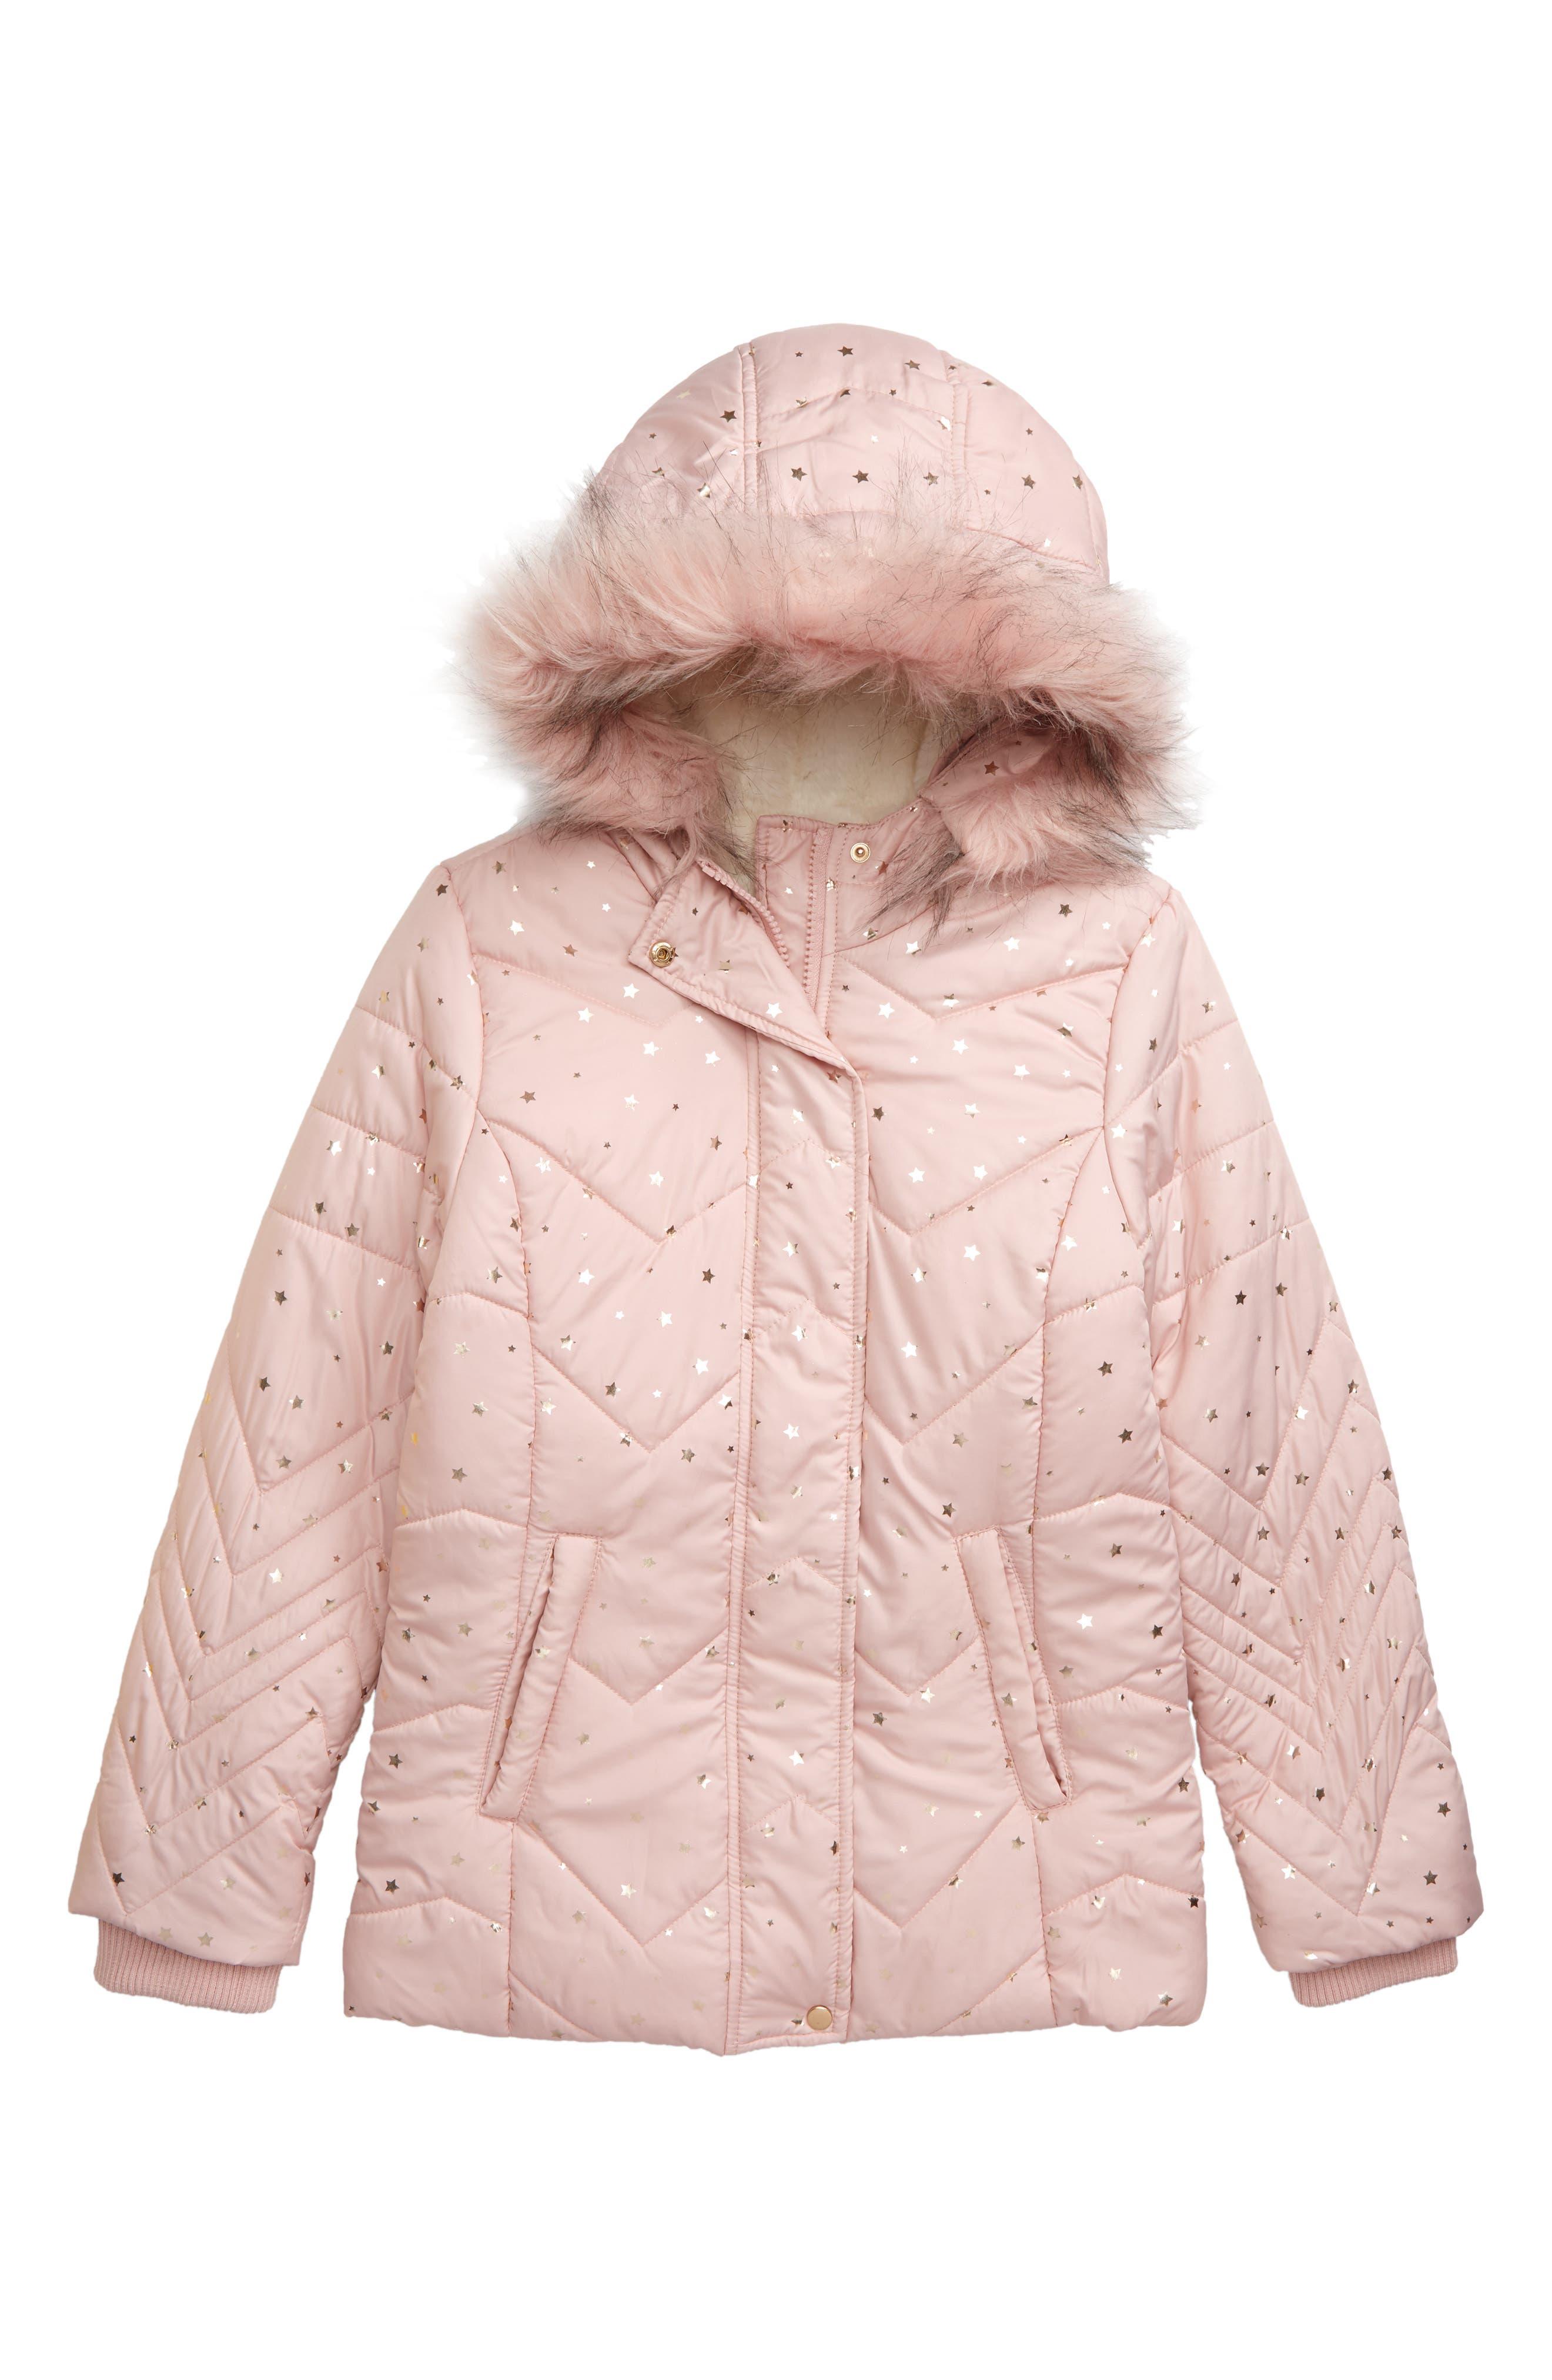 Derhy Kids Girls Fabiola Faux Fur Coat